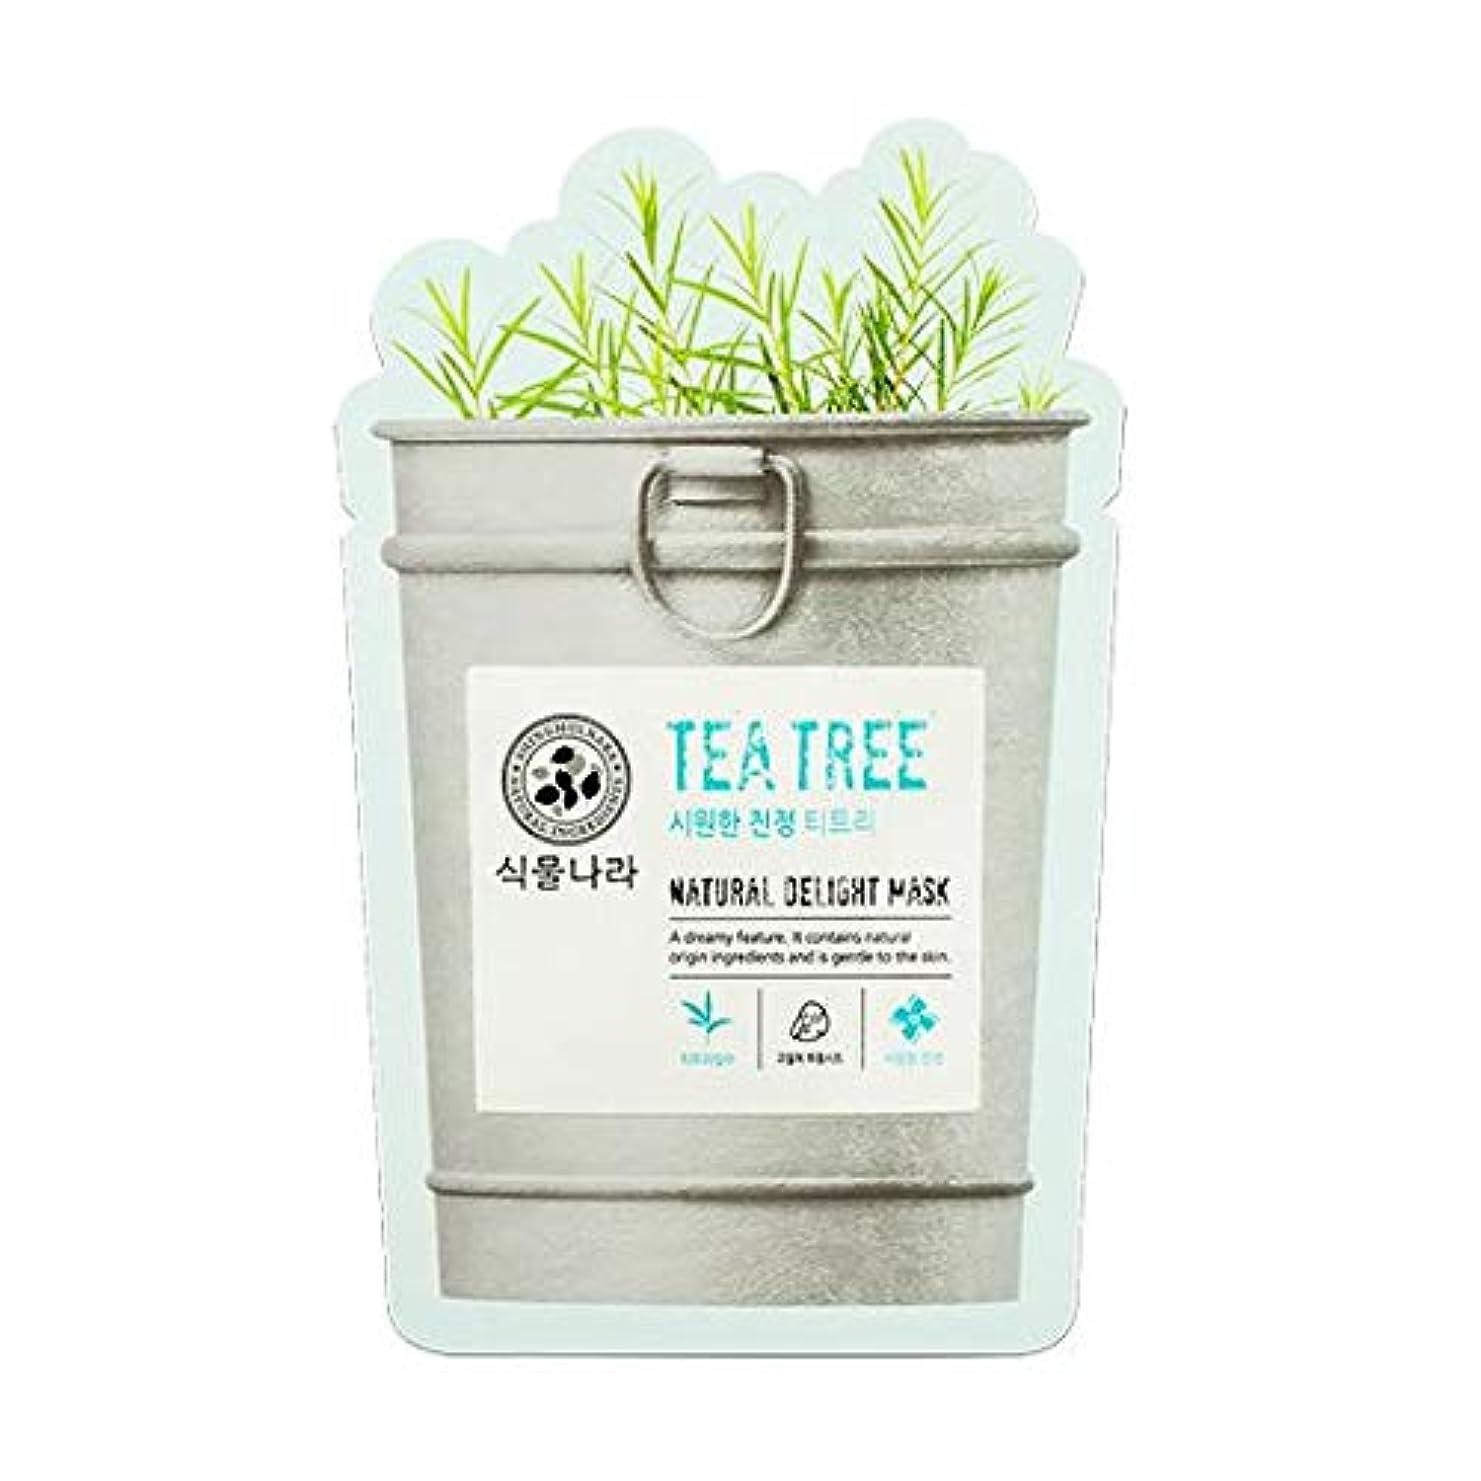 砂明快登山家SHINGMULNARA 植物ナラ ナチュラル デライト マスクパック ティートリ/アロエ/炭/蜜 韓国オリーブ霊遊明商品 (ティートリー (Tea Tree) 5pack)